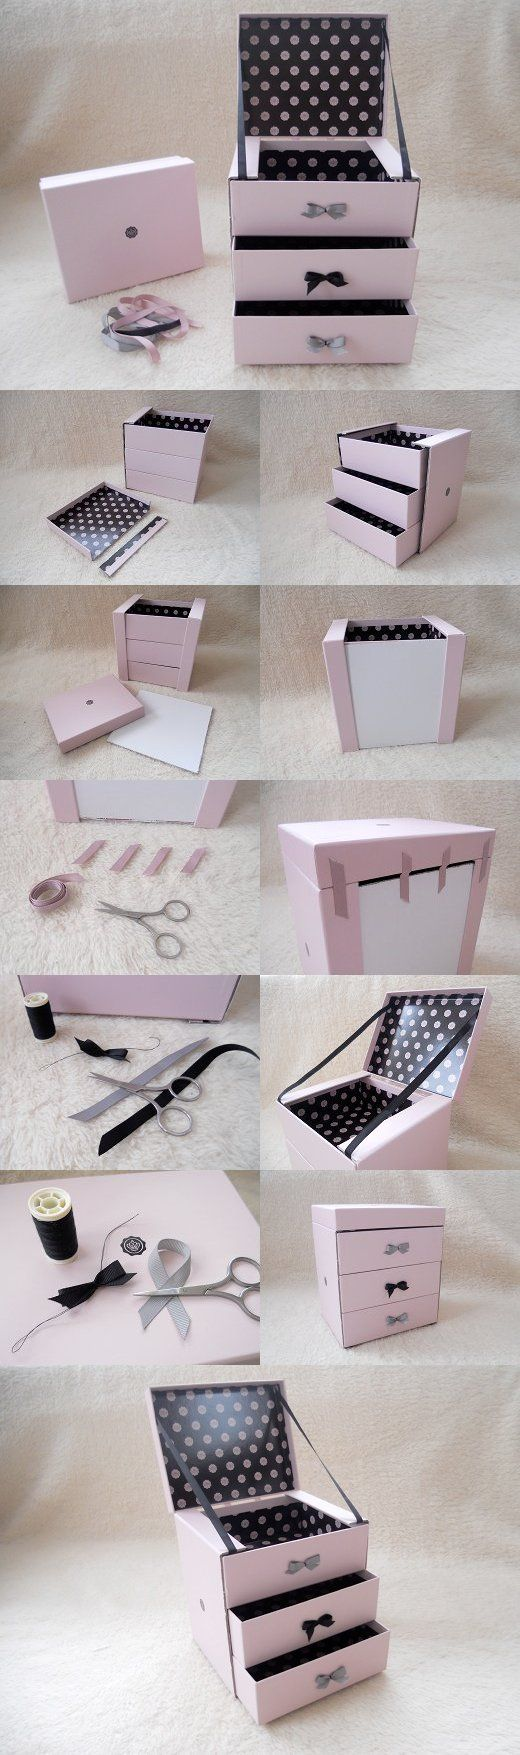 ideias diy reciclar caixas sapatos 3